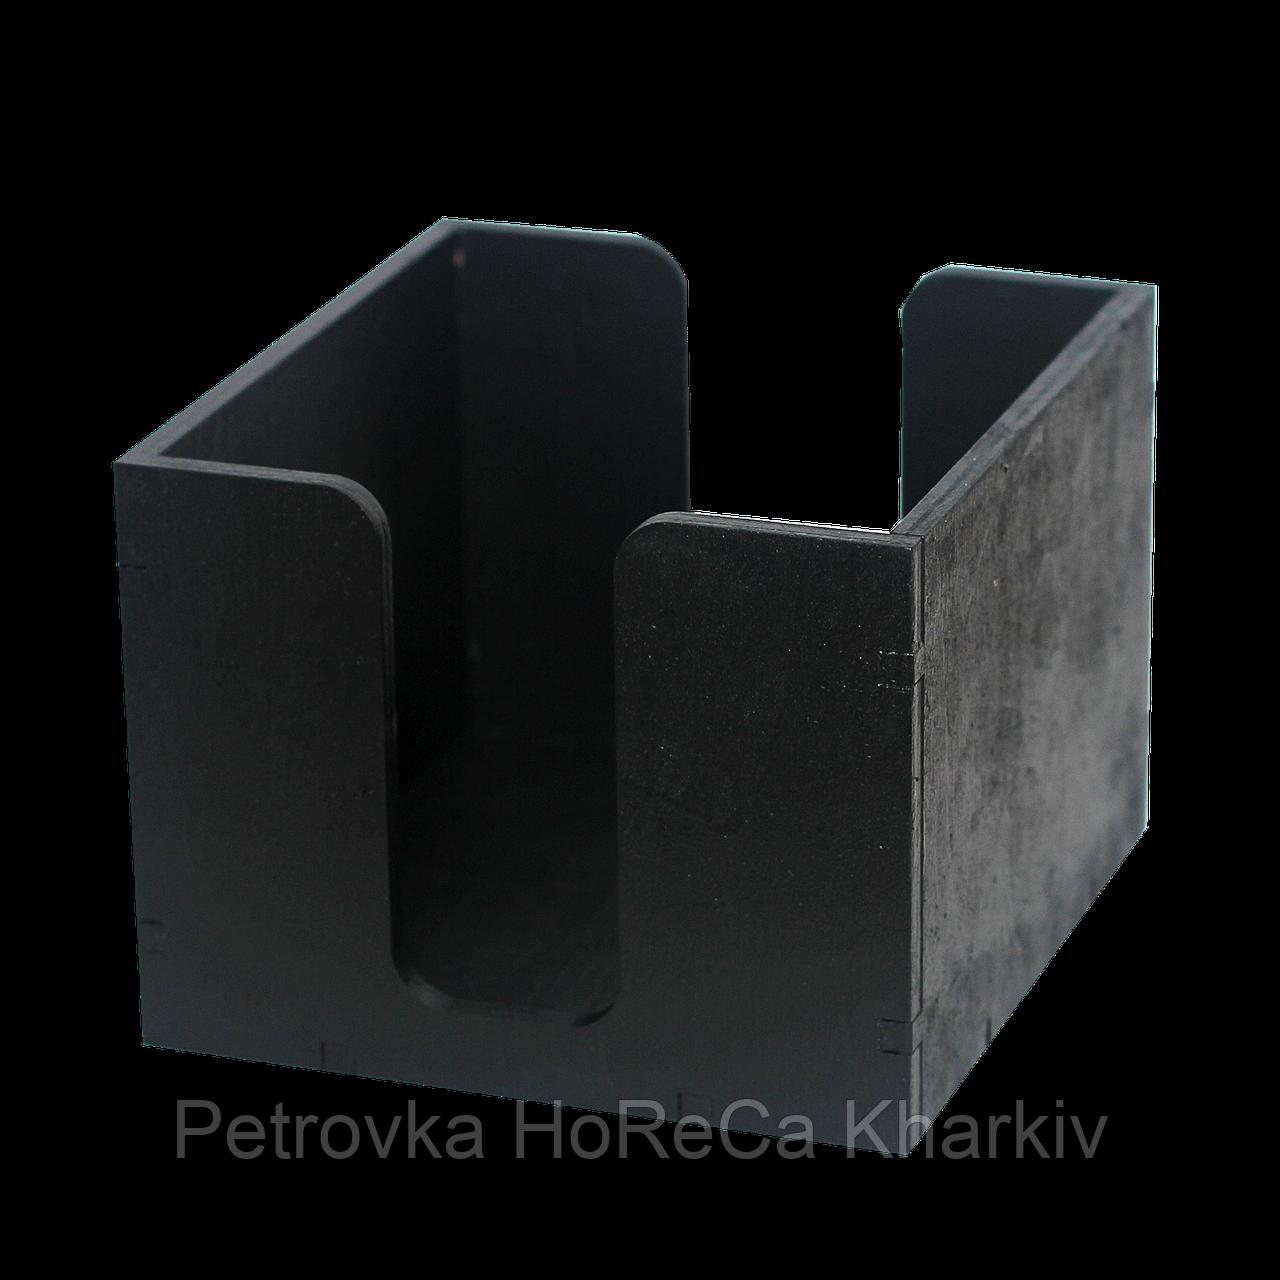 Підставка для серветок дерев'яна 13.5*14.5 чорний